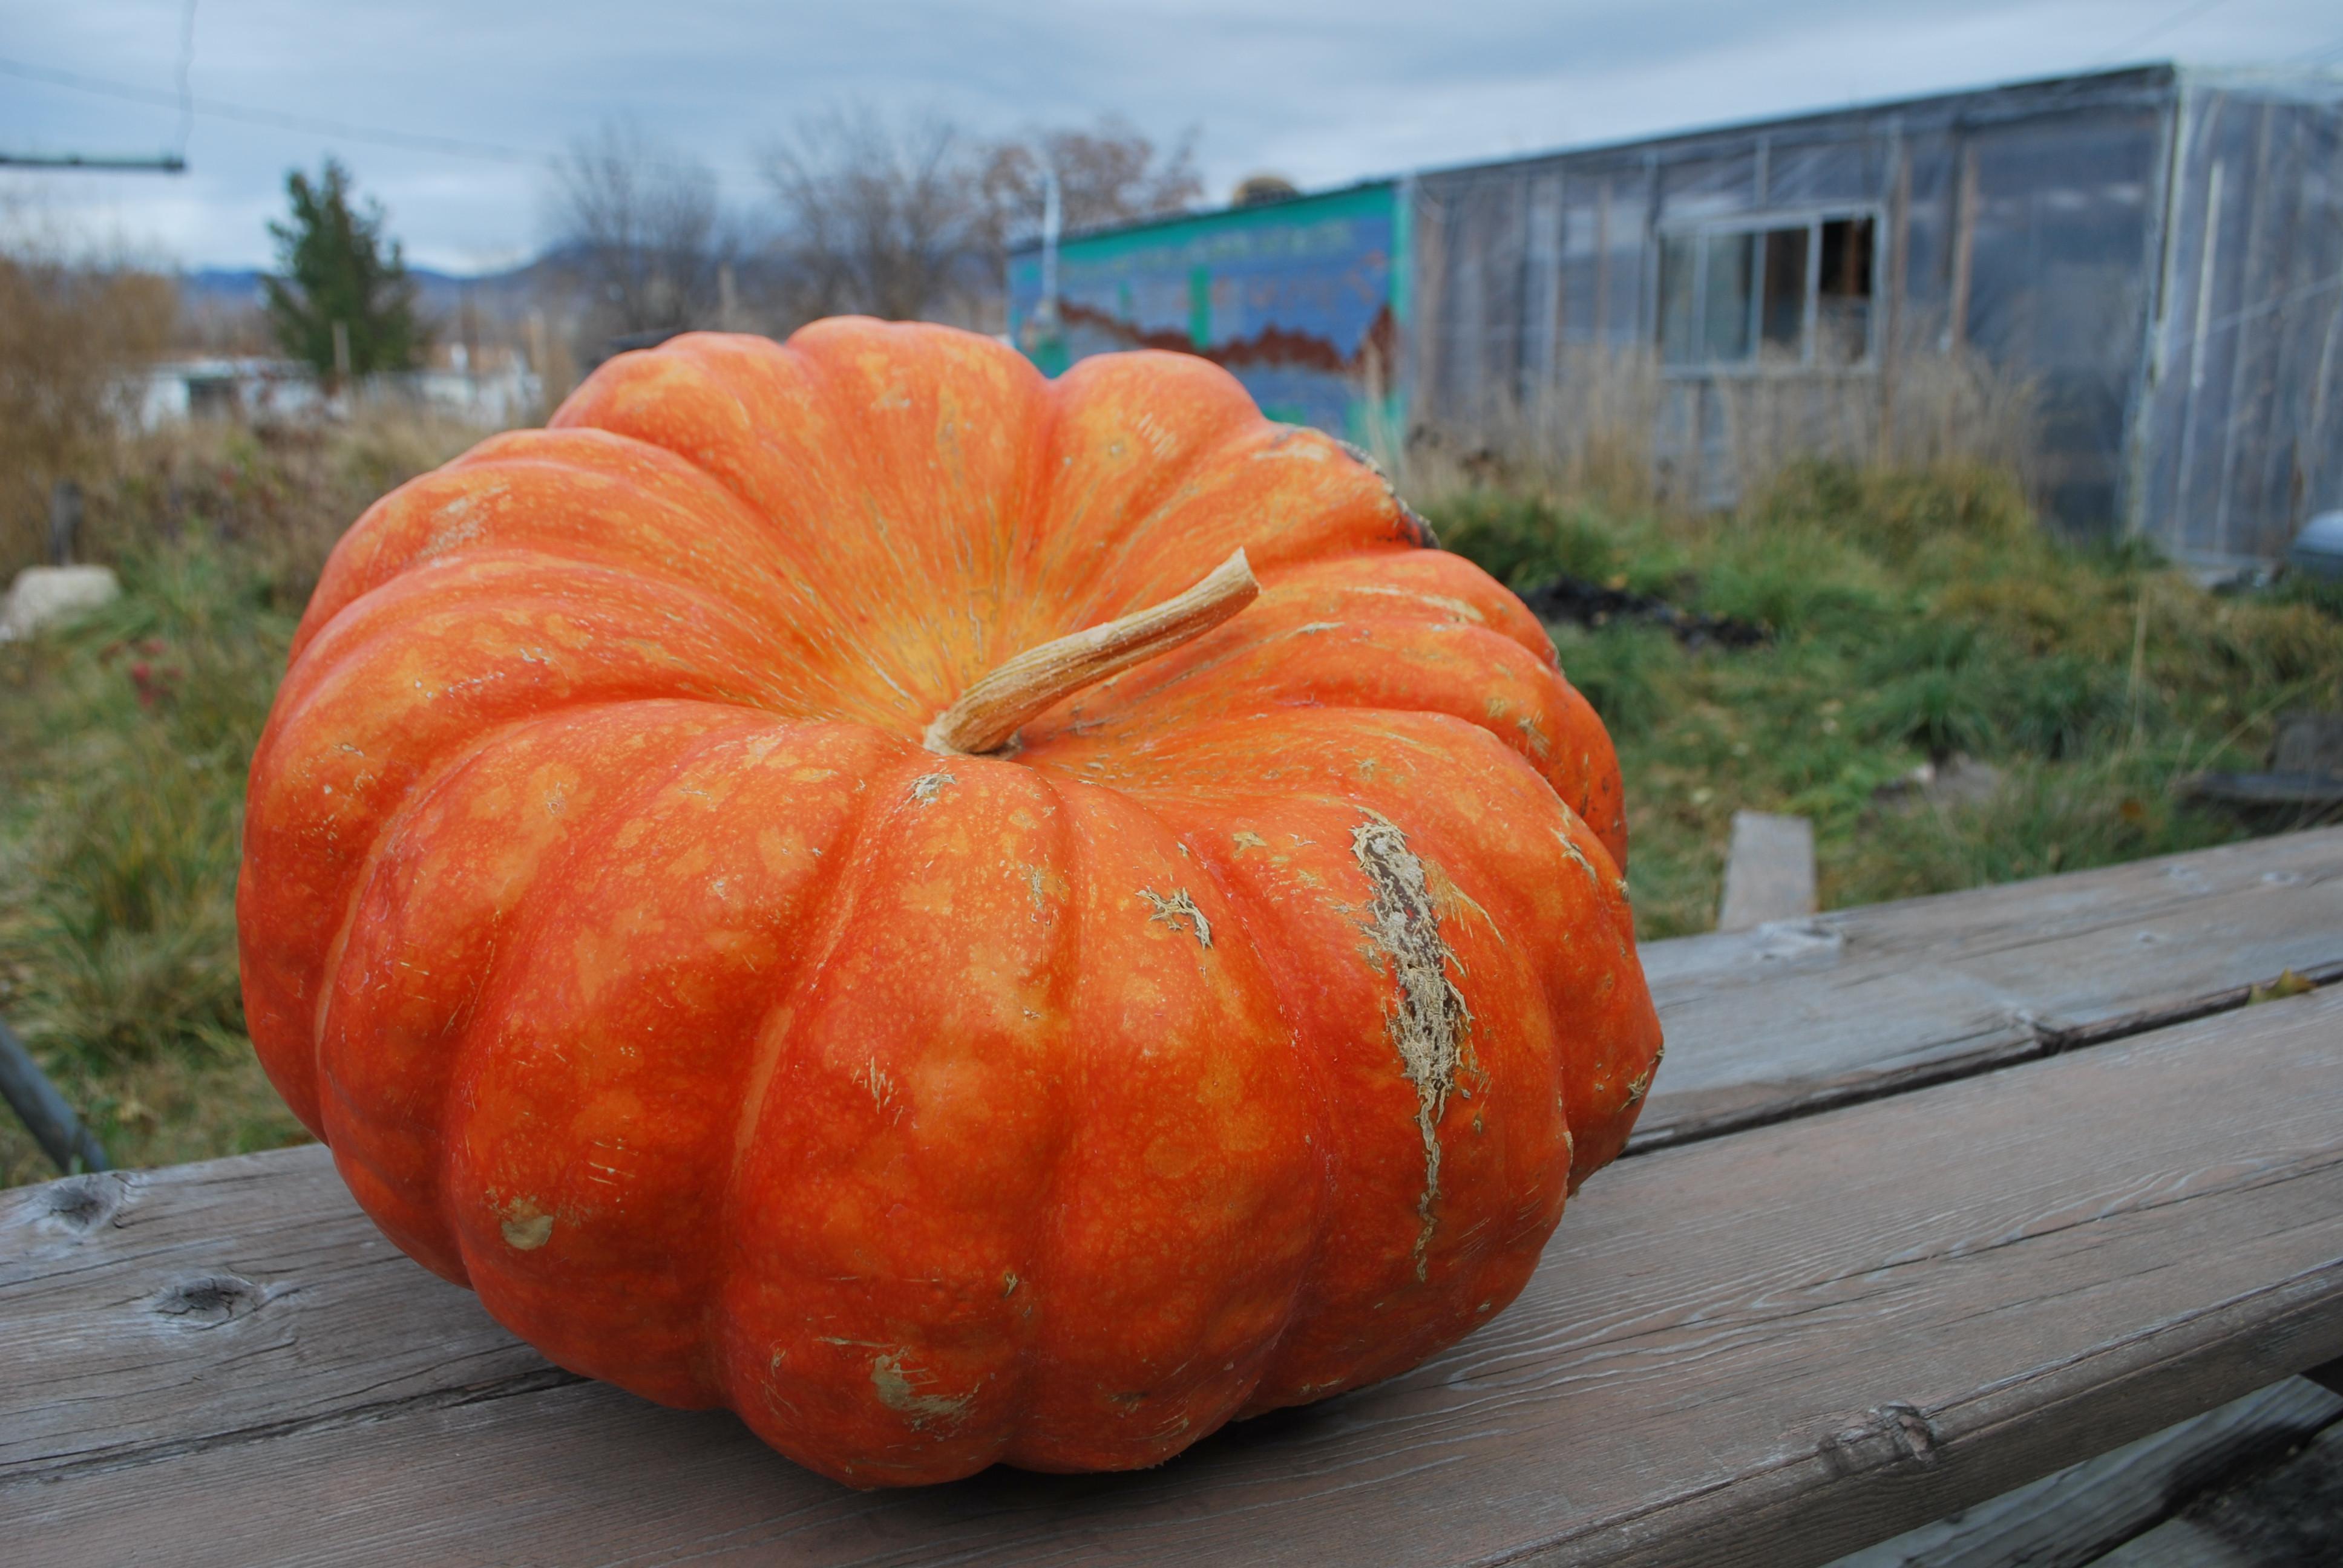 Pumpkin Pie Recipe With Real Pumpkin  Pumpkin Pie from a Real Pumpkin